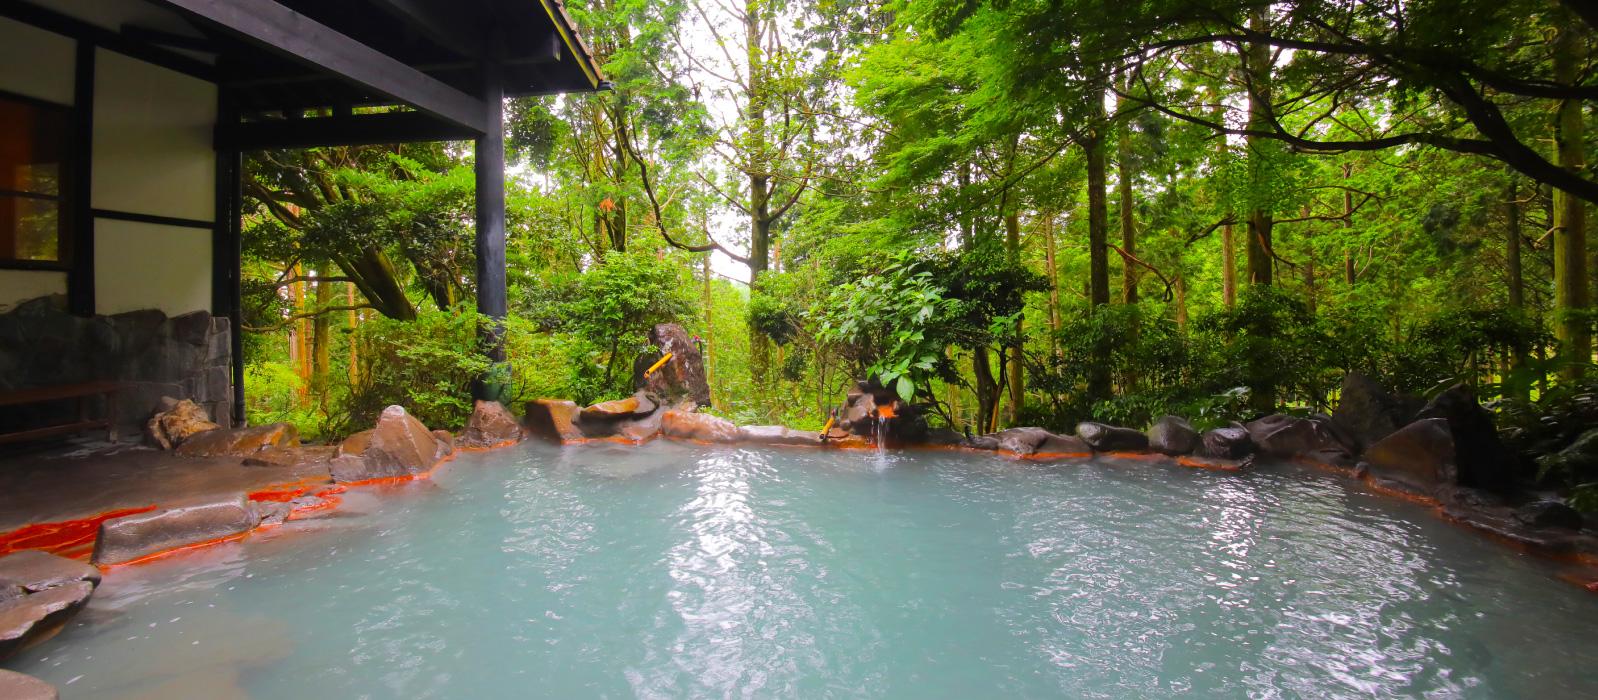 さくらさくら温泉 霧島 温泉 ホテル 旅館 宿 鹿児島 おすすめ 観光 旅行 九州